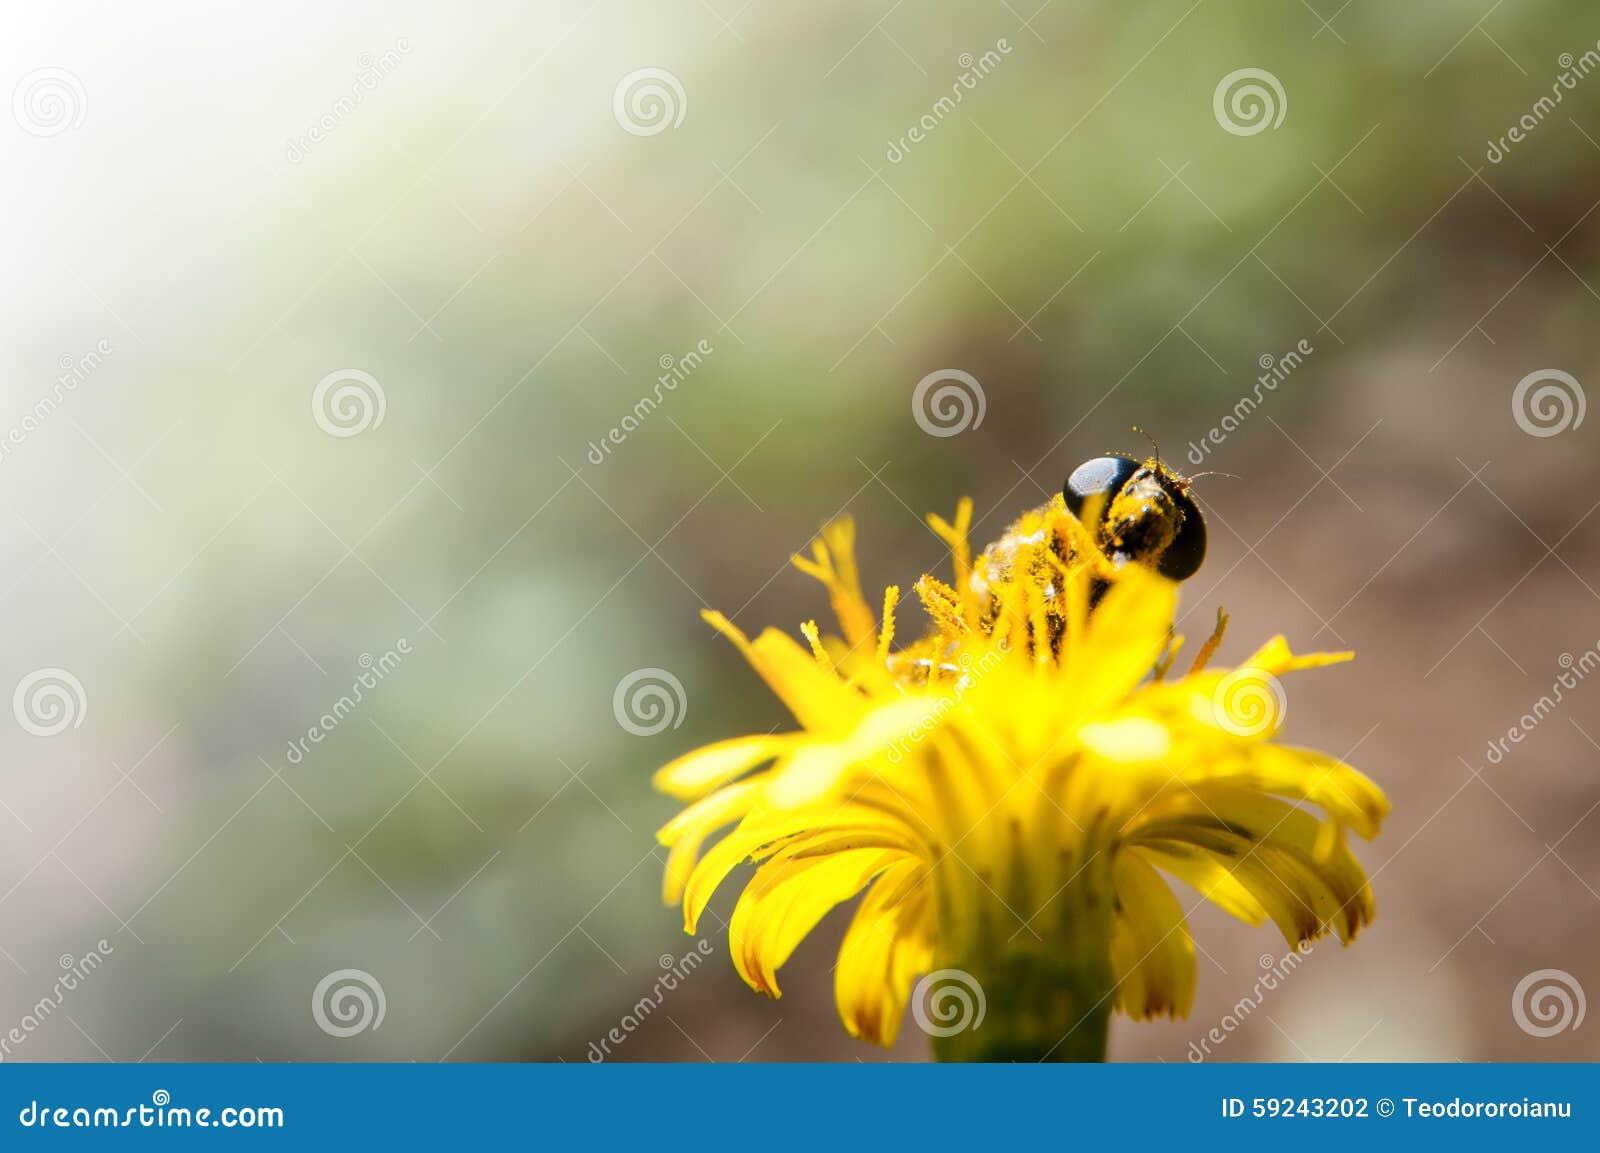 Fondo de polinización de la abeja